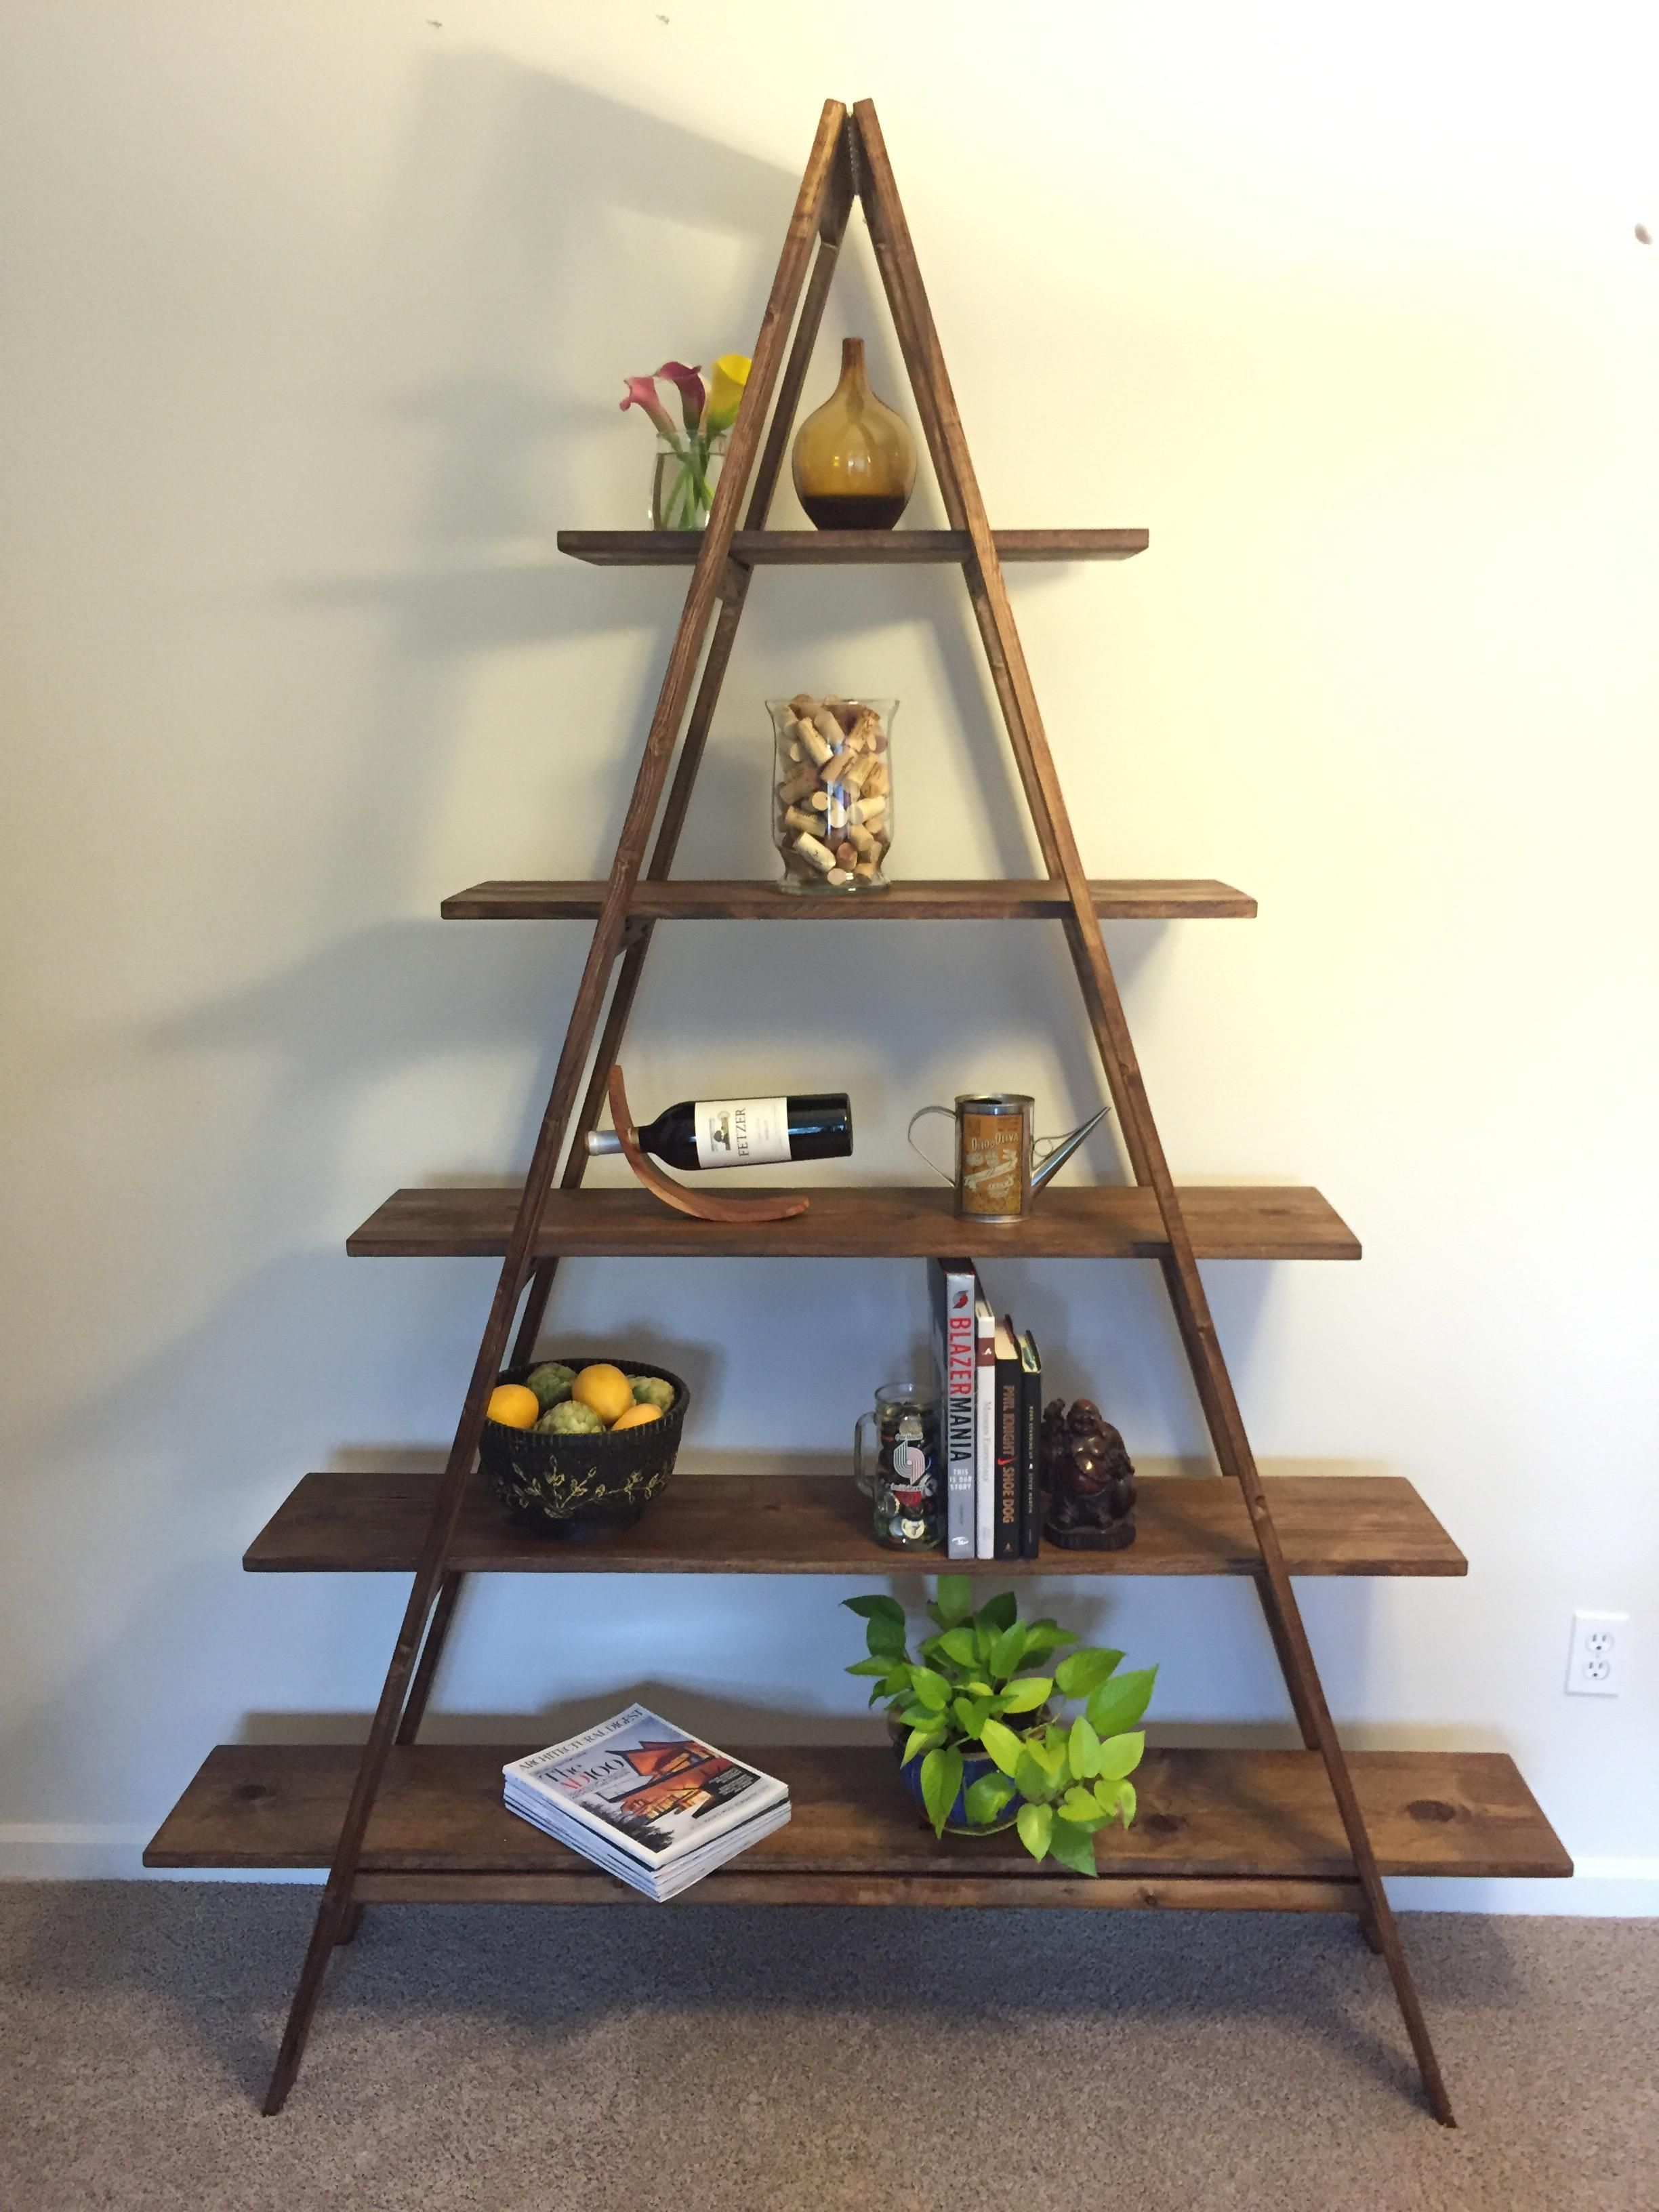 Diy A Frame Ladder Bookshelf Bookshelves Diy Ladder Bookshelf Ladder Shelf Decor